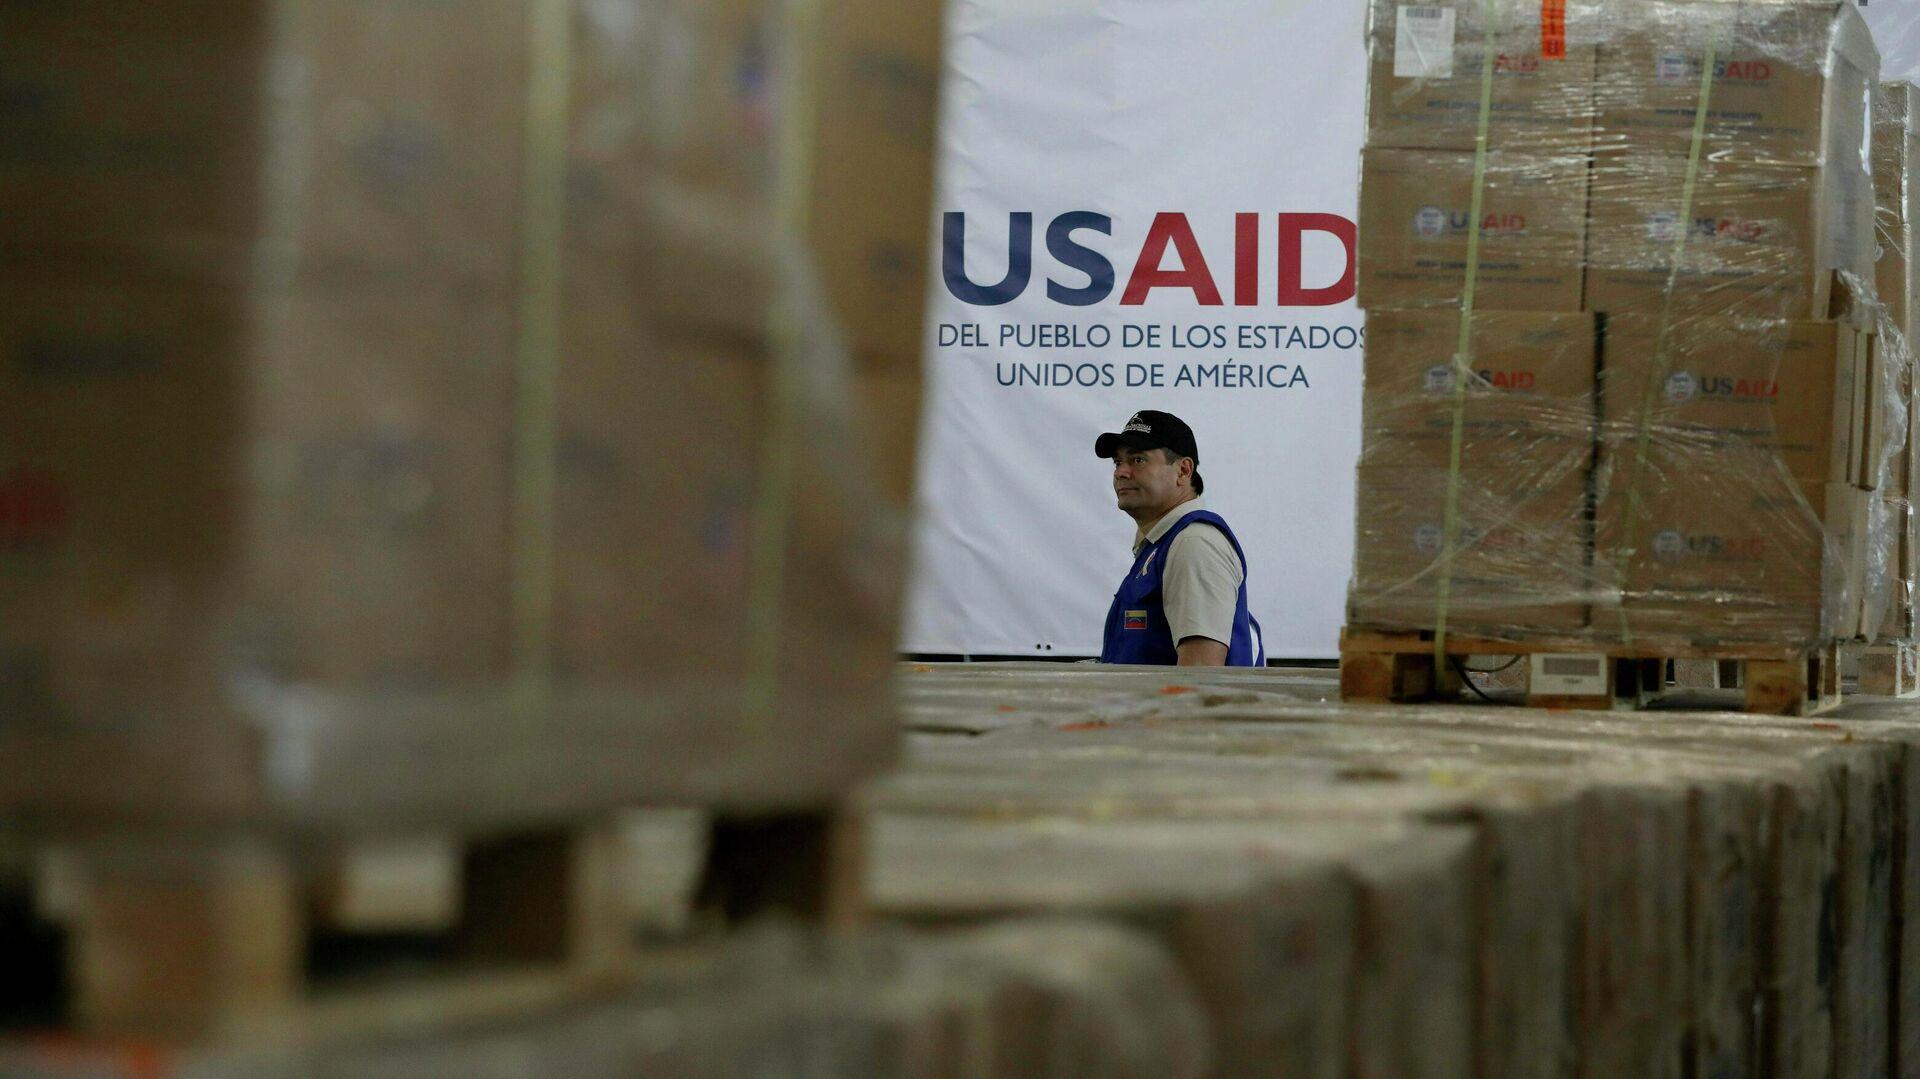 Ayuda humanitaria de USAID - Sputnik Mundo, 1920, 03.09.2021